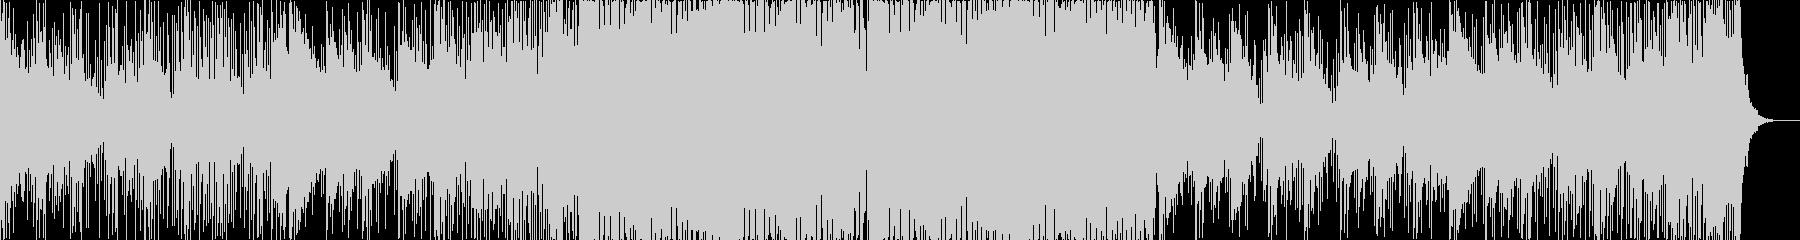 ギターが目立つジャングル/ドラムンベースの未再生の波形